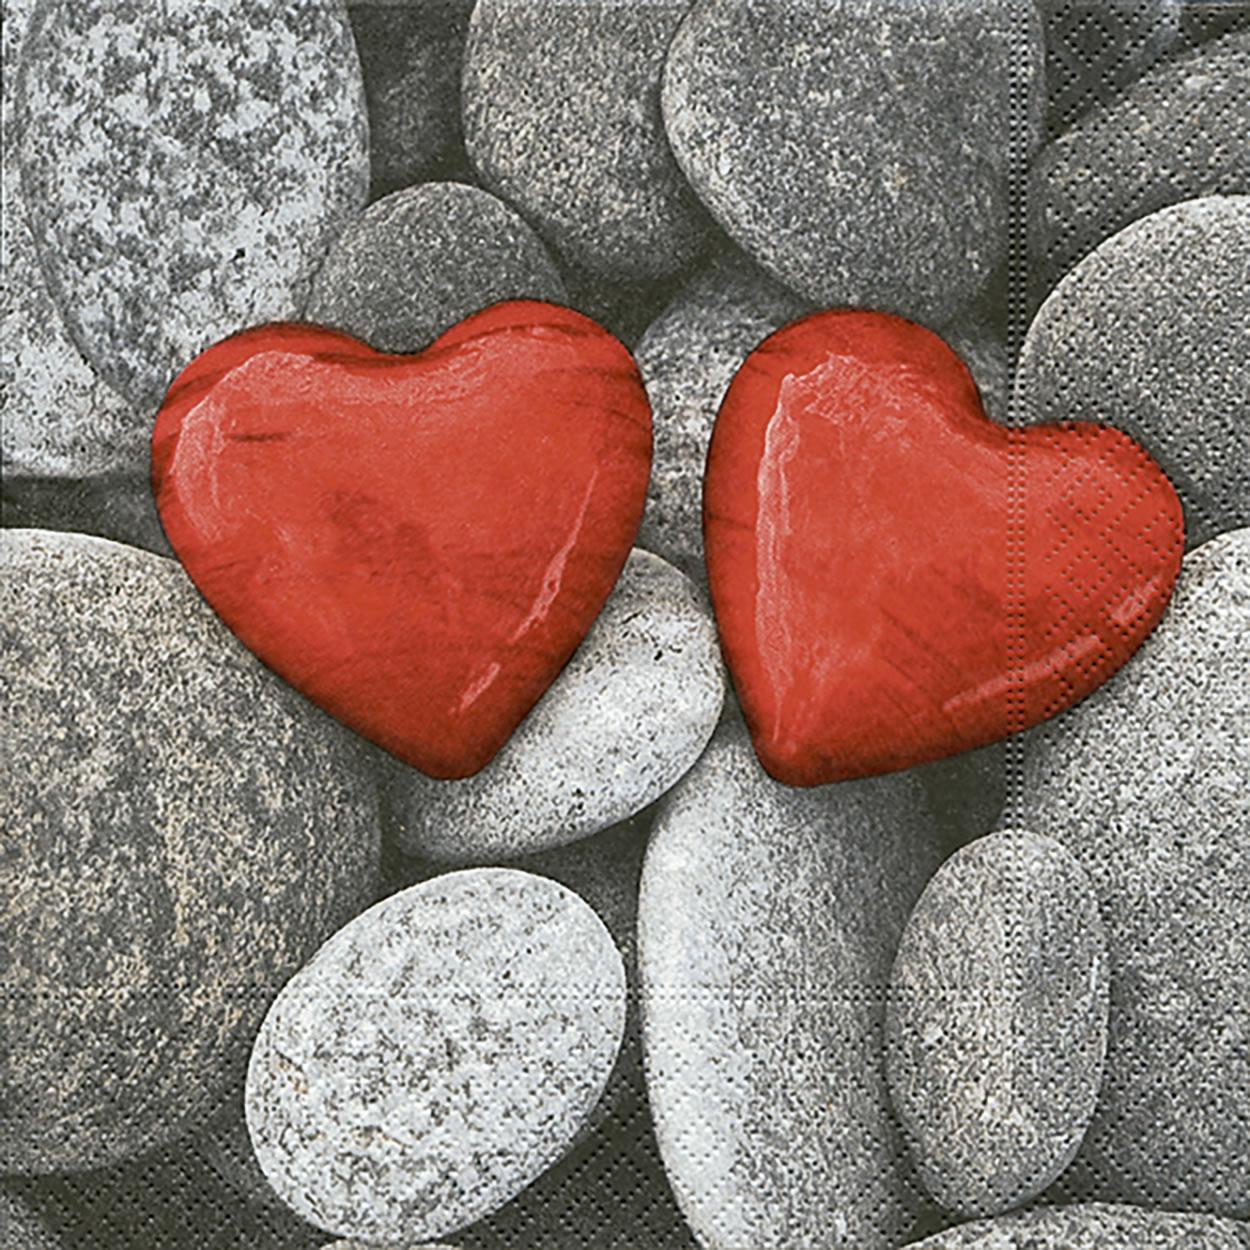 Lunch Servietten Love stones,  Sonstiges - Steine,  Everyday,  lunchservietten,  Liebe,  Herz,  Steine